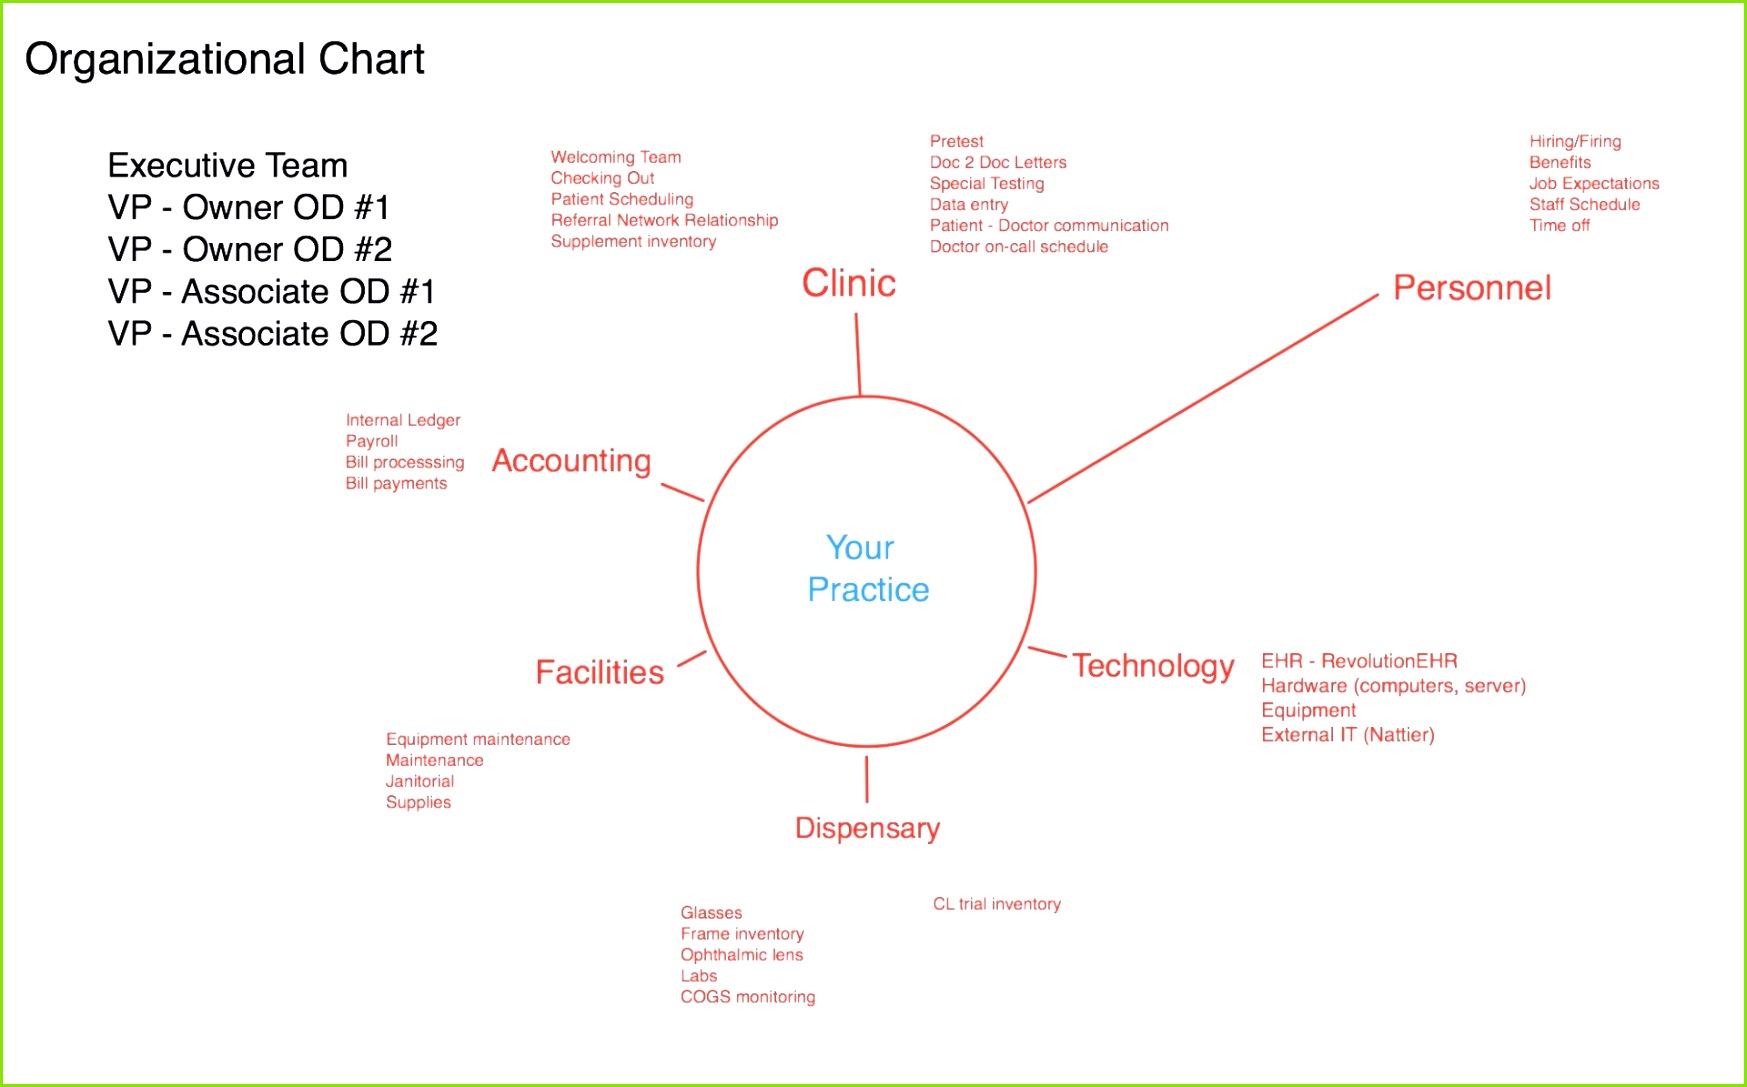 Nebenkostenabrechnung Excel Vorlage Bewundernswert Charmant Beispieltagesplaner Ideen Bilder Für Das Lebenslauf